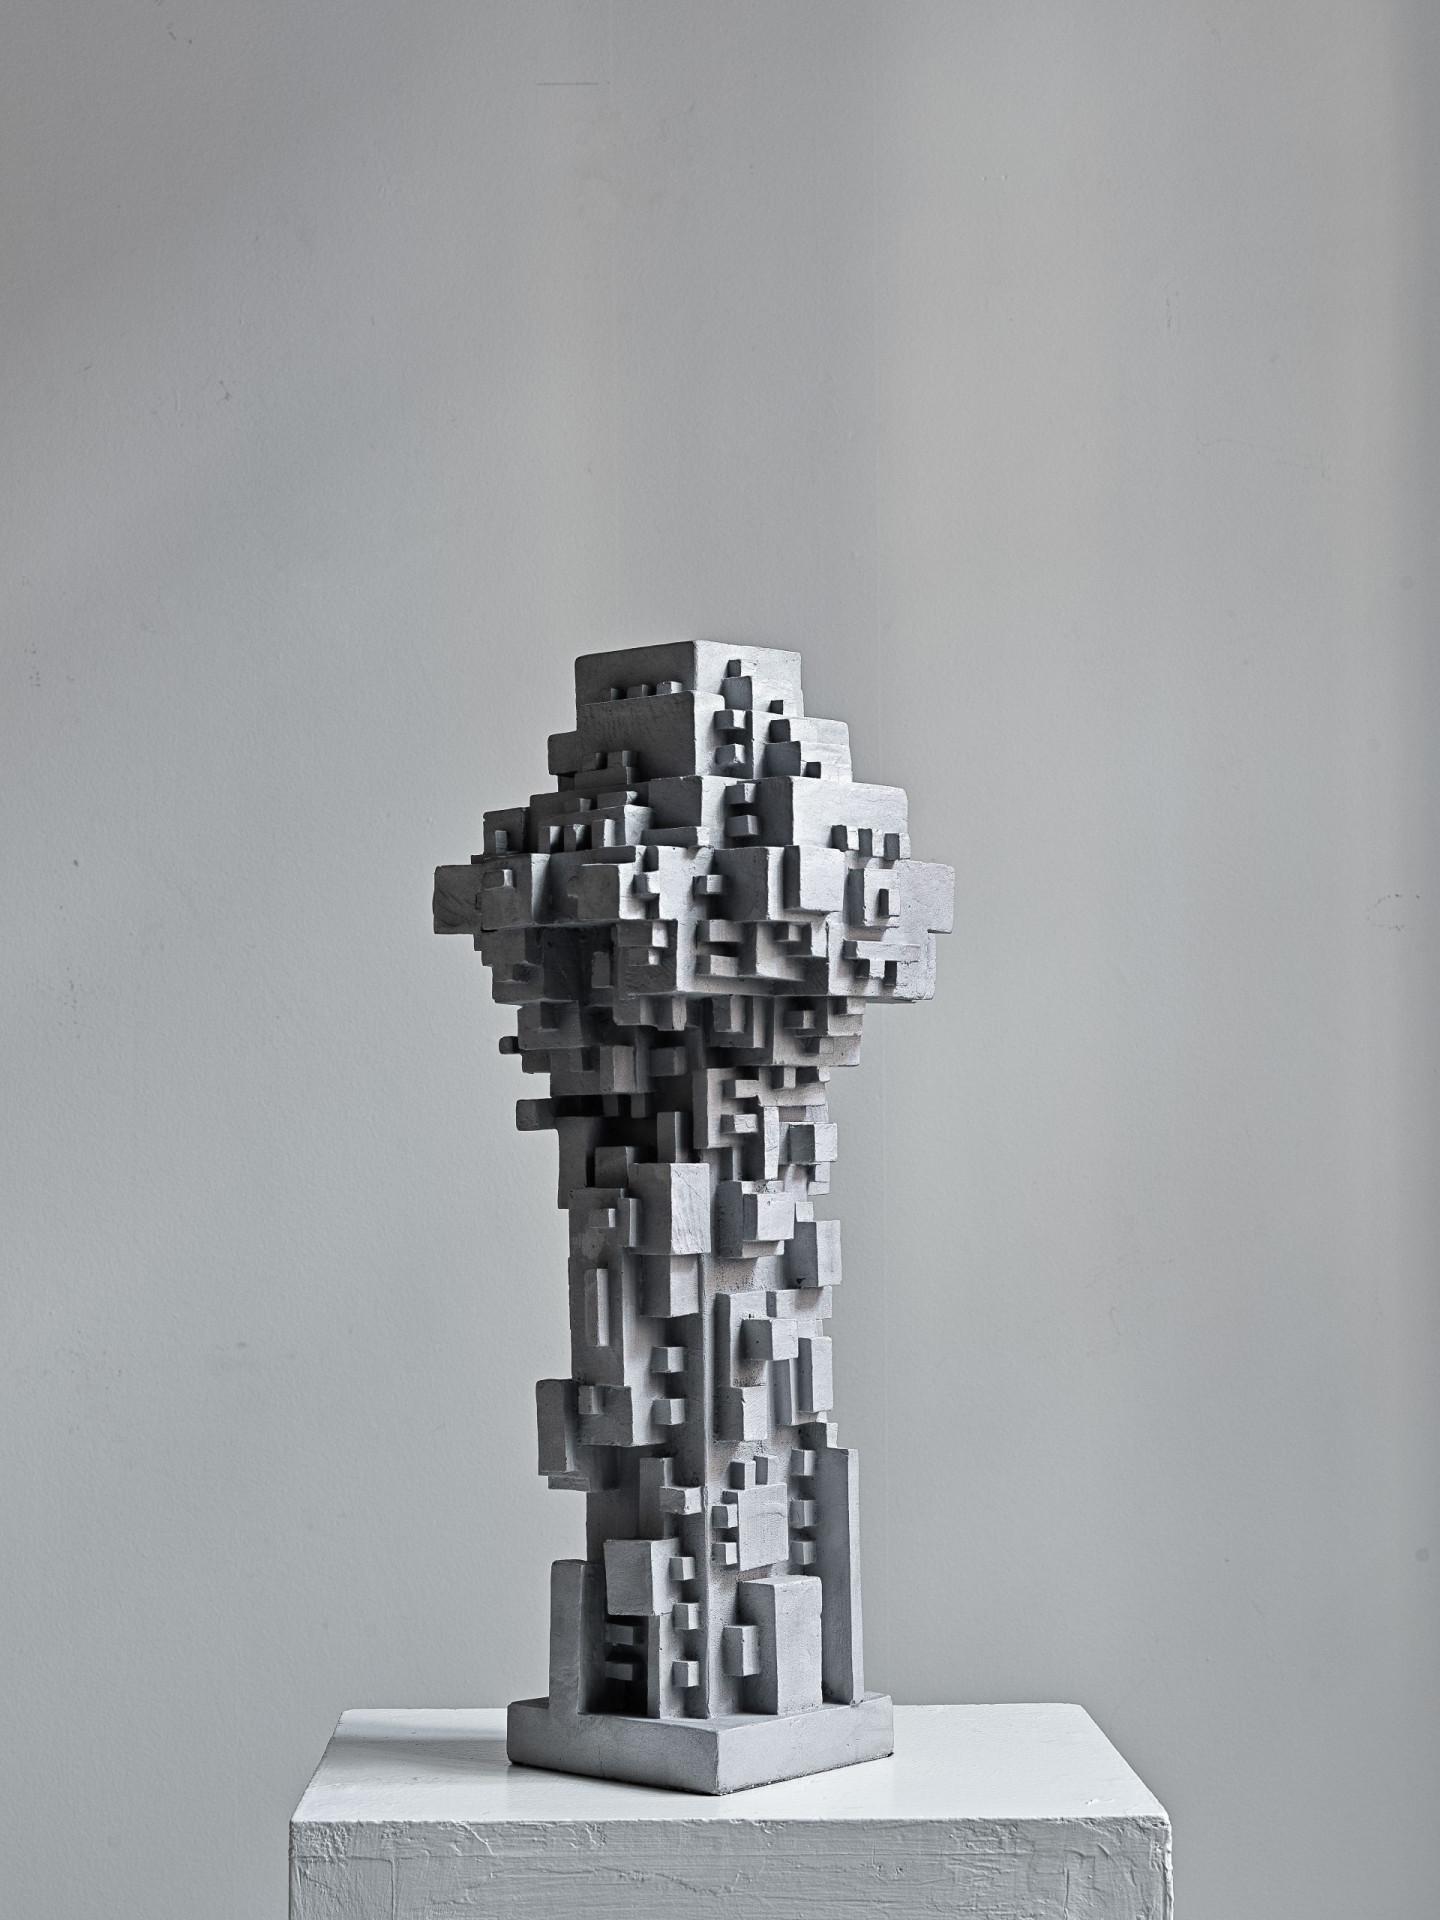 Скульптура «Город», Игорь Шелковский, 2020, Alina Pinsky Gallery. Международная ярмарка современного искусства Cosmoscow 2020